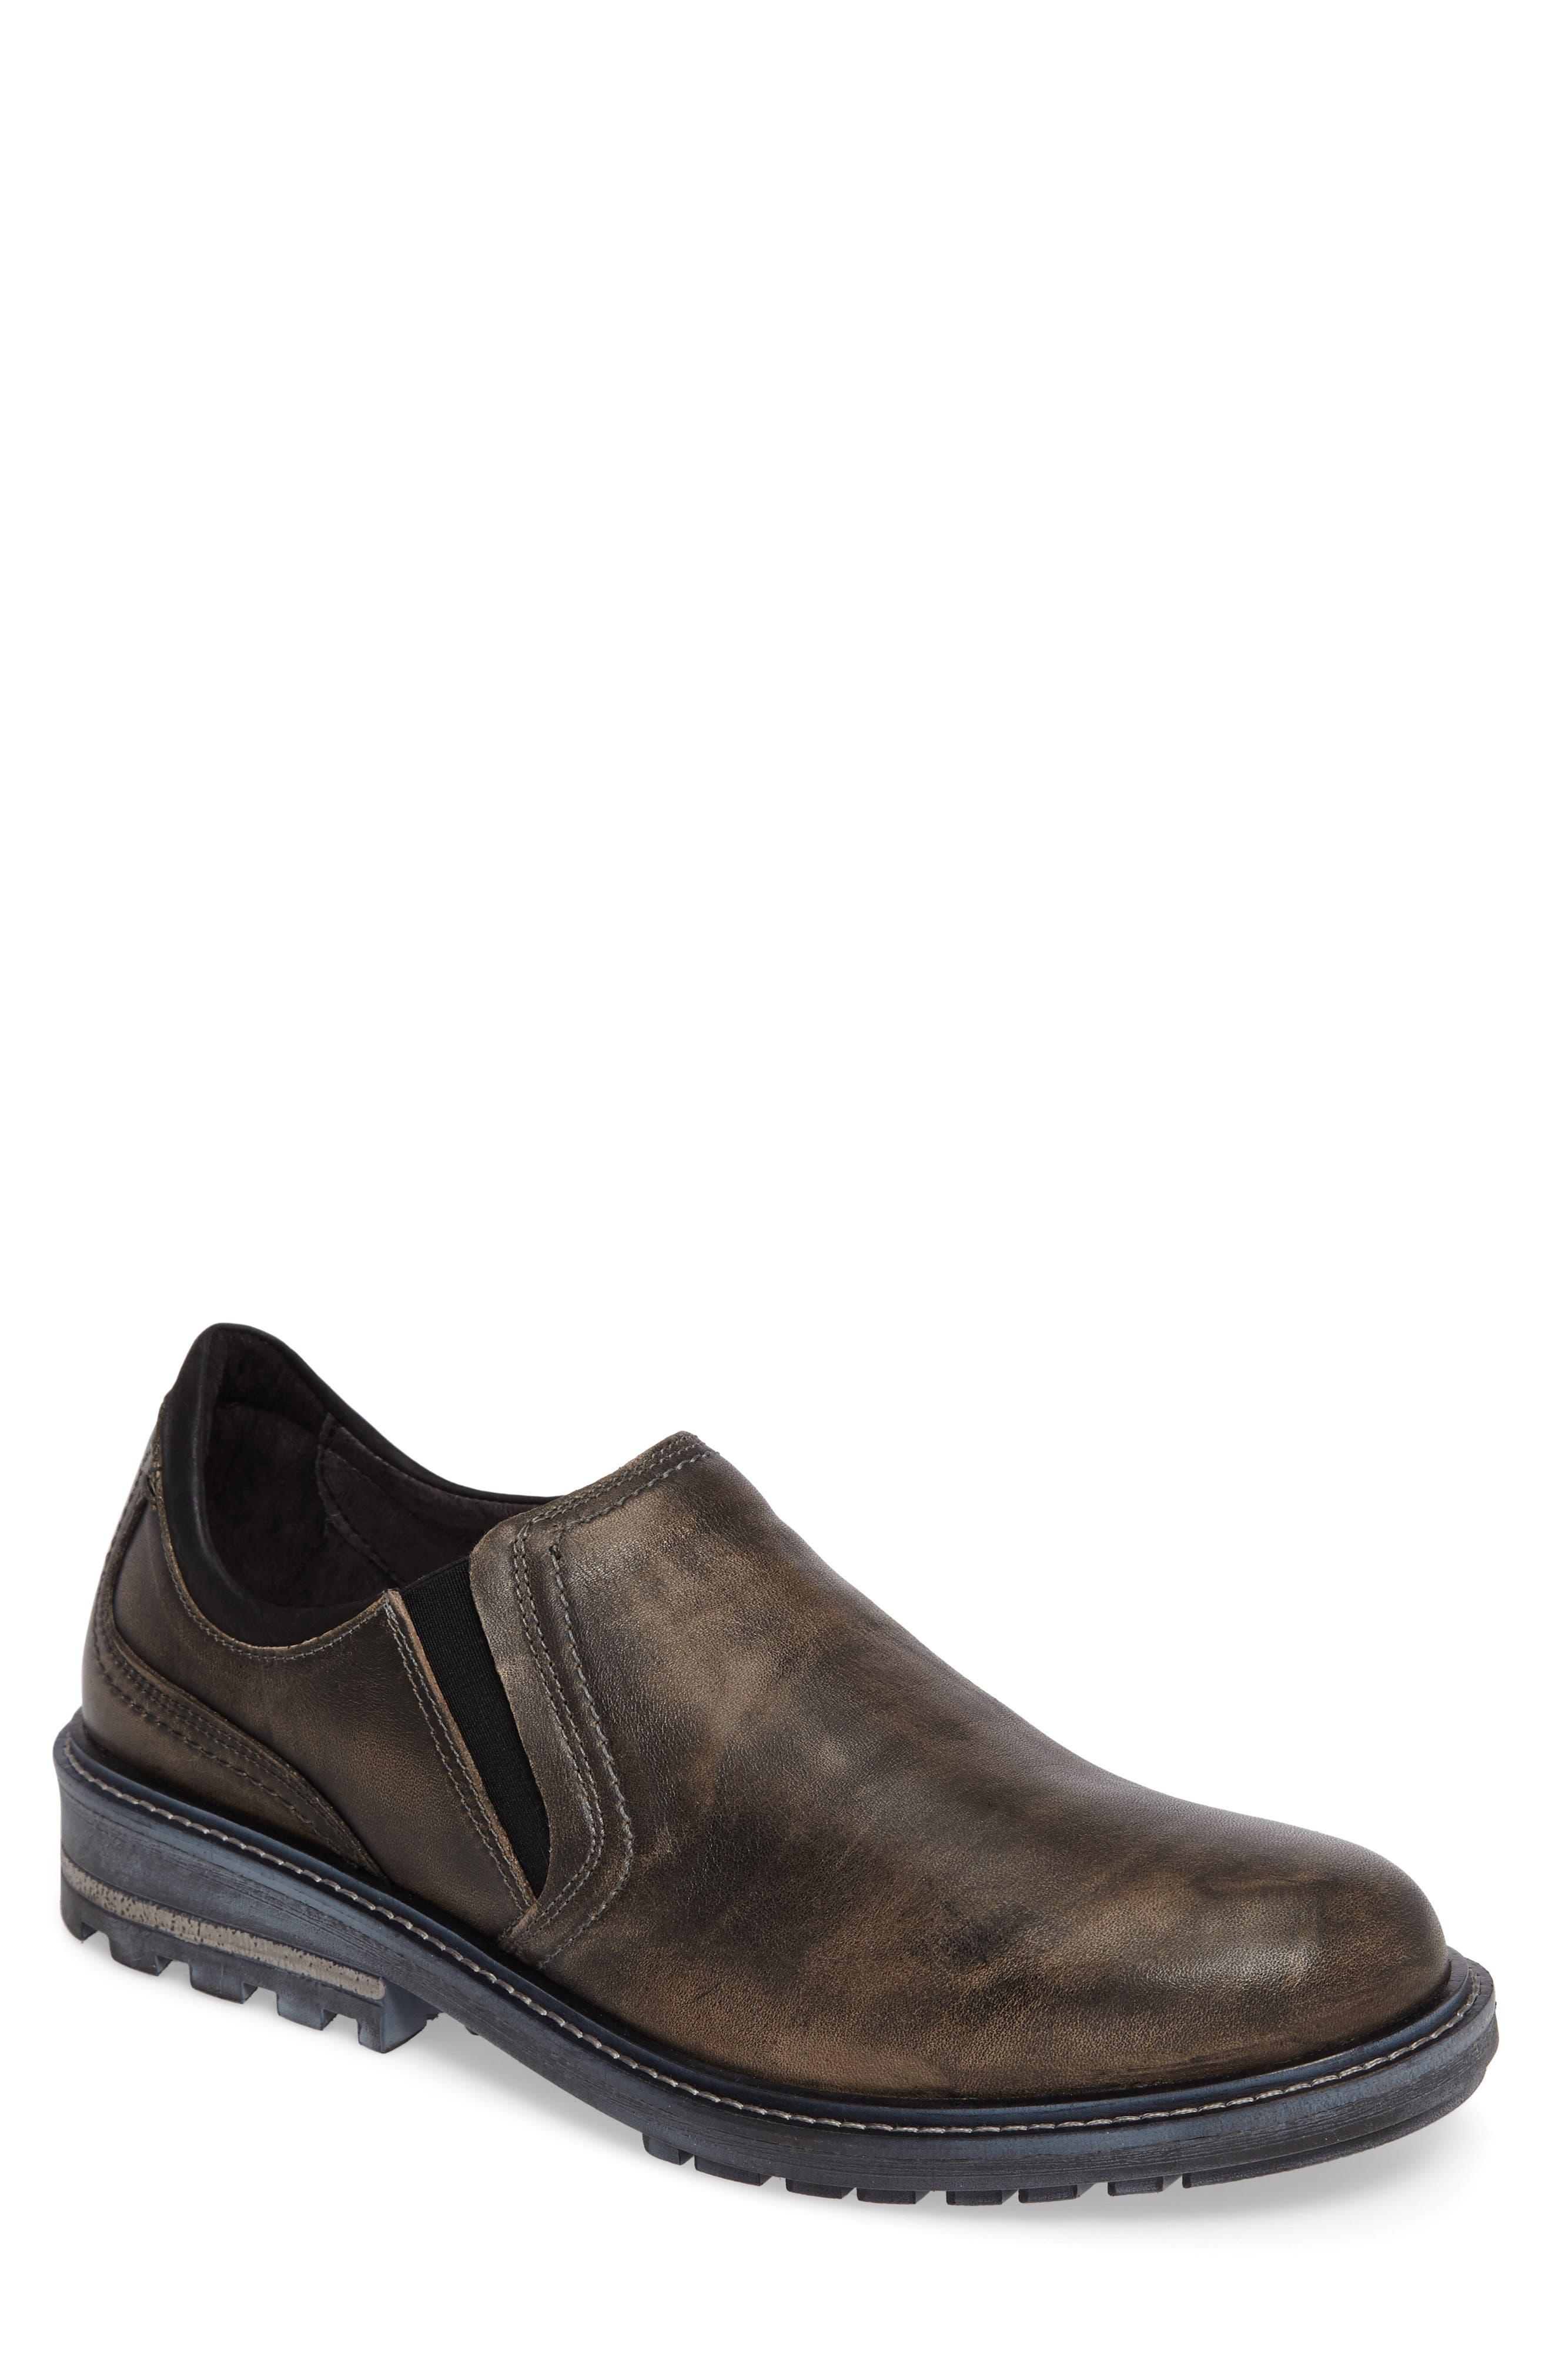 Manyara Slip-On Loafer,                         Main,                         color, Vintage Grey Leather